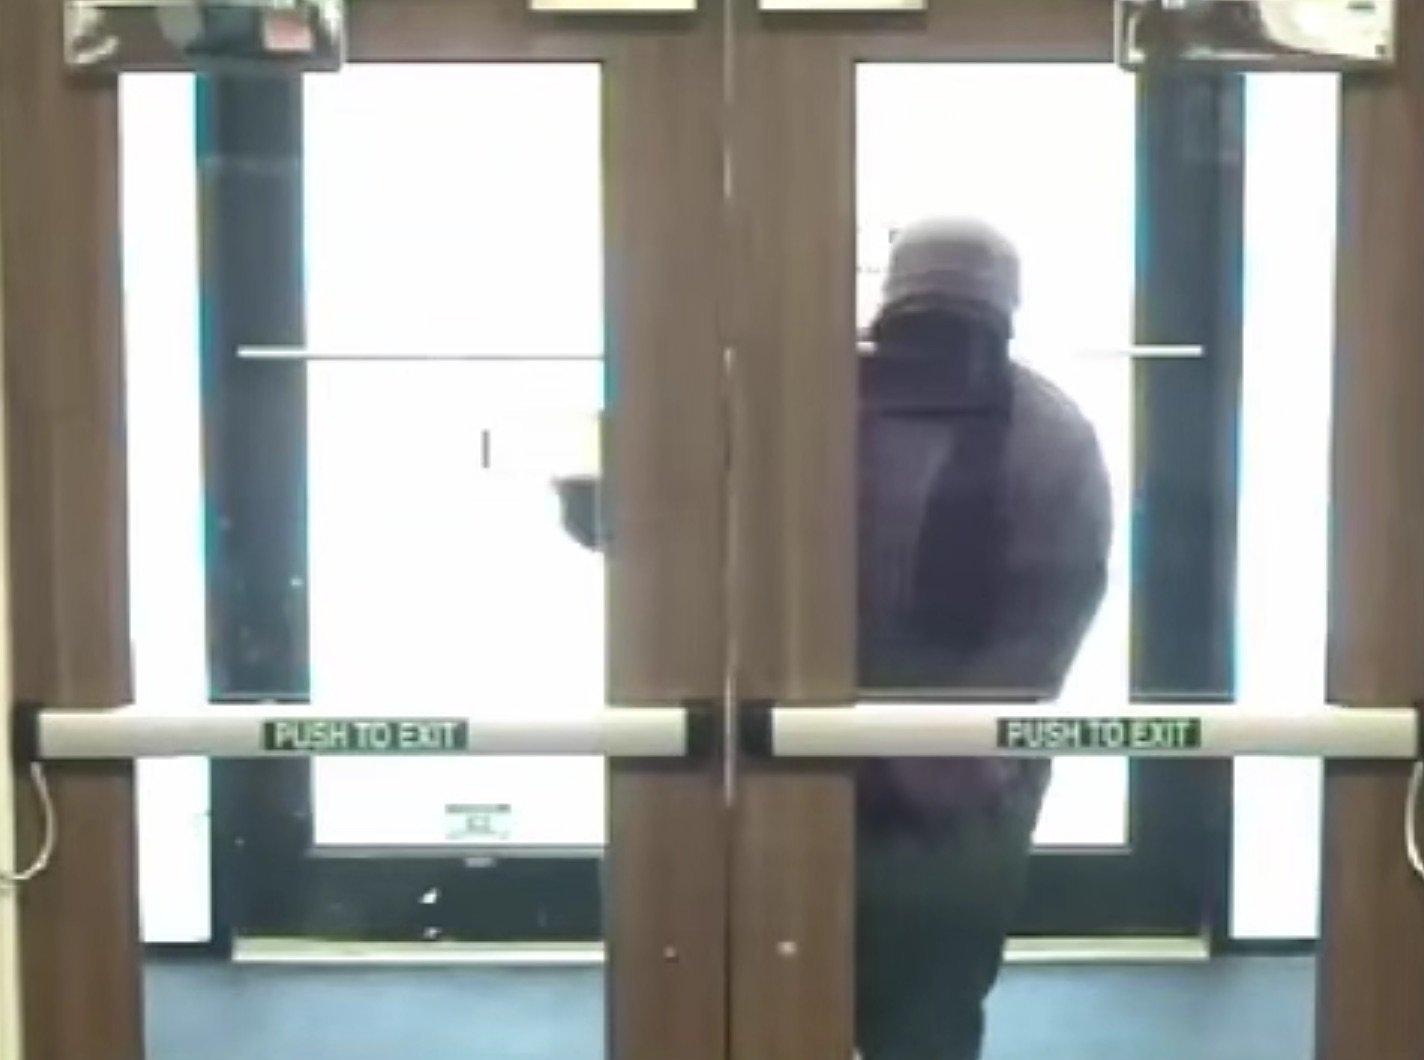 Dumb bank robber has trouble with door.